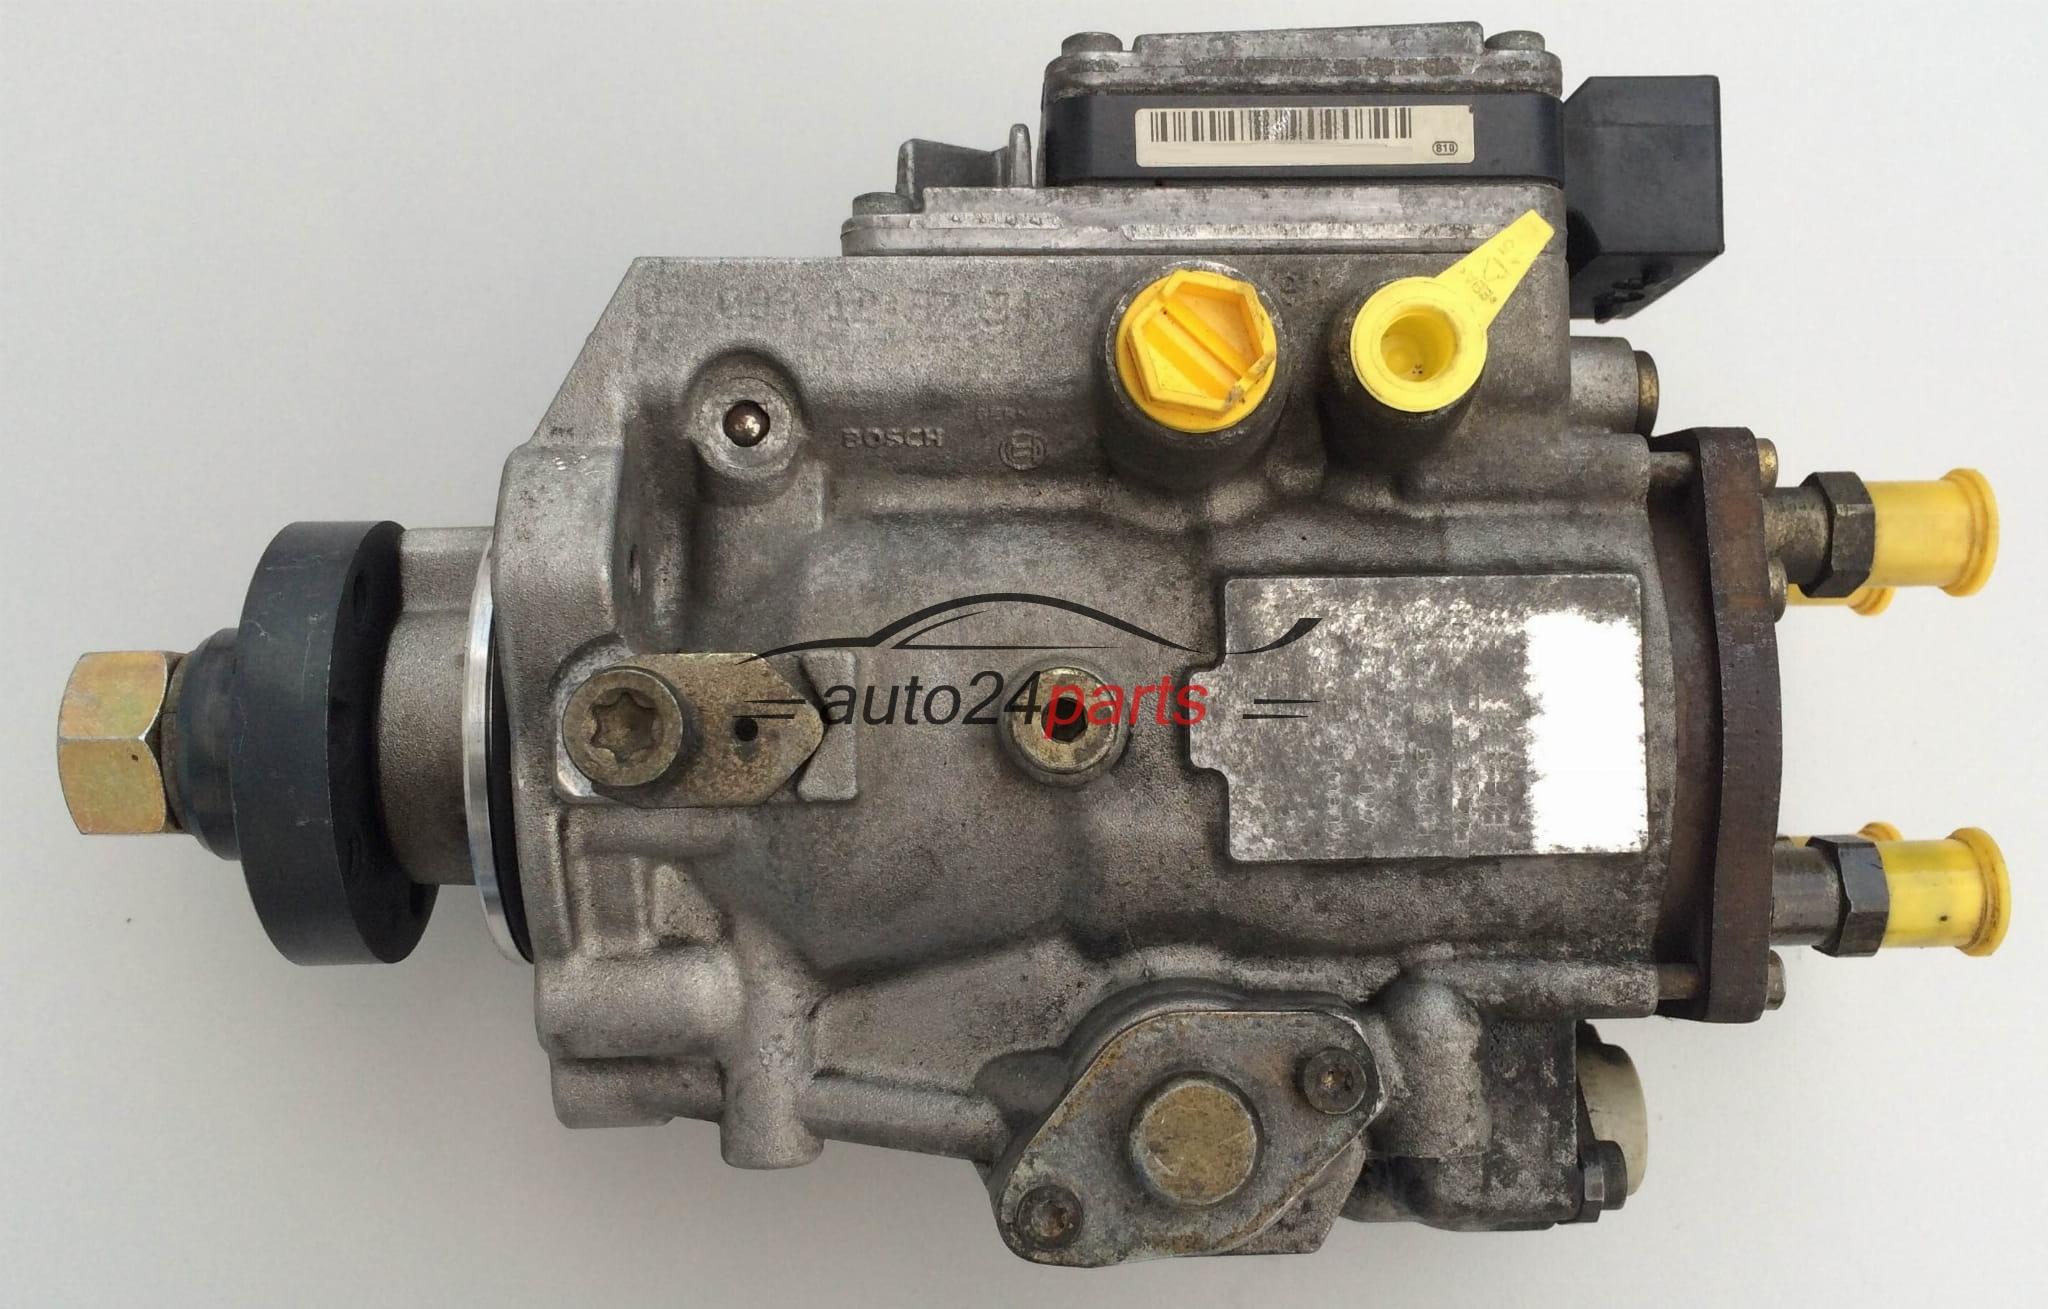 pump injection vp44 2 0 bosch 0470504004 opel vectra 09192989 09192994 4773206 90501100